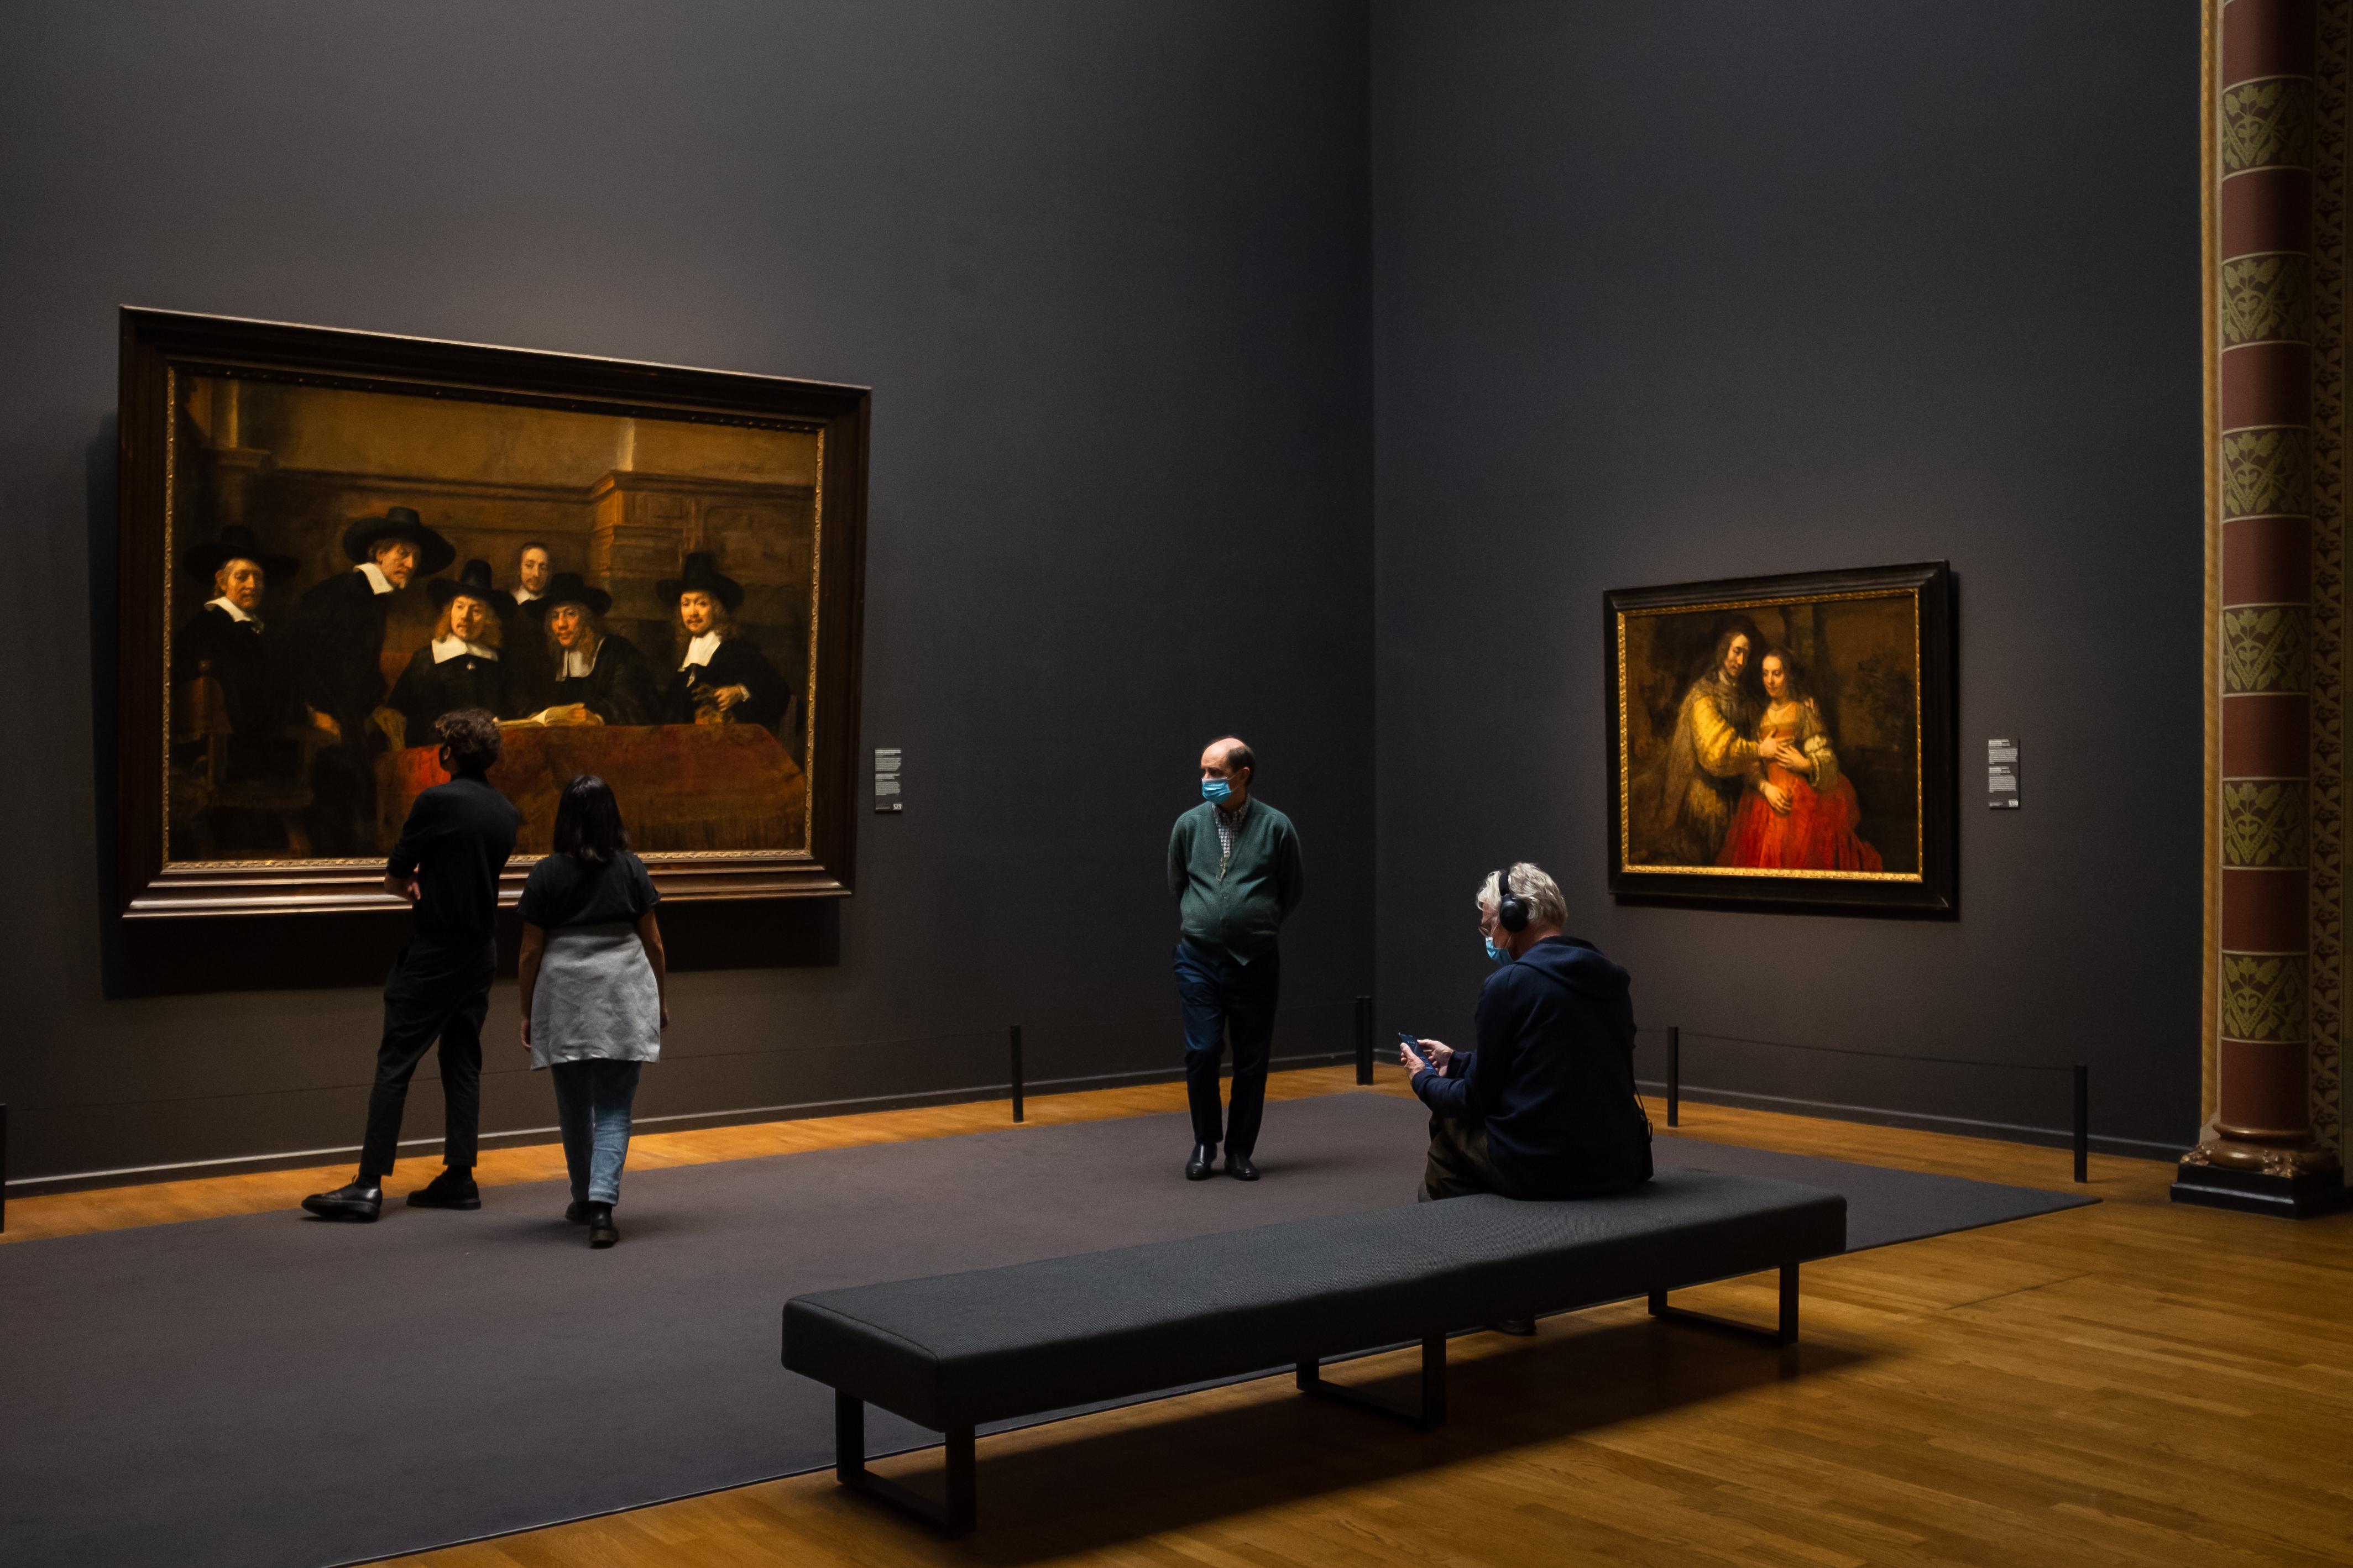 Ingyen lehet nézegetni több mint hétszázezer, a Rijksmuseumban kiállított műtárgyat